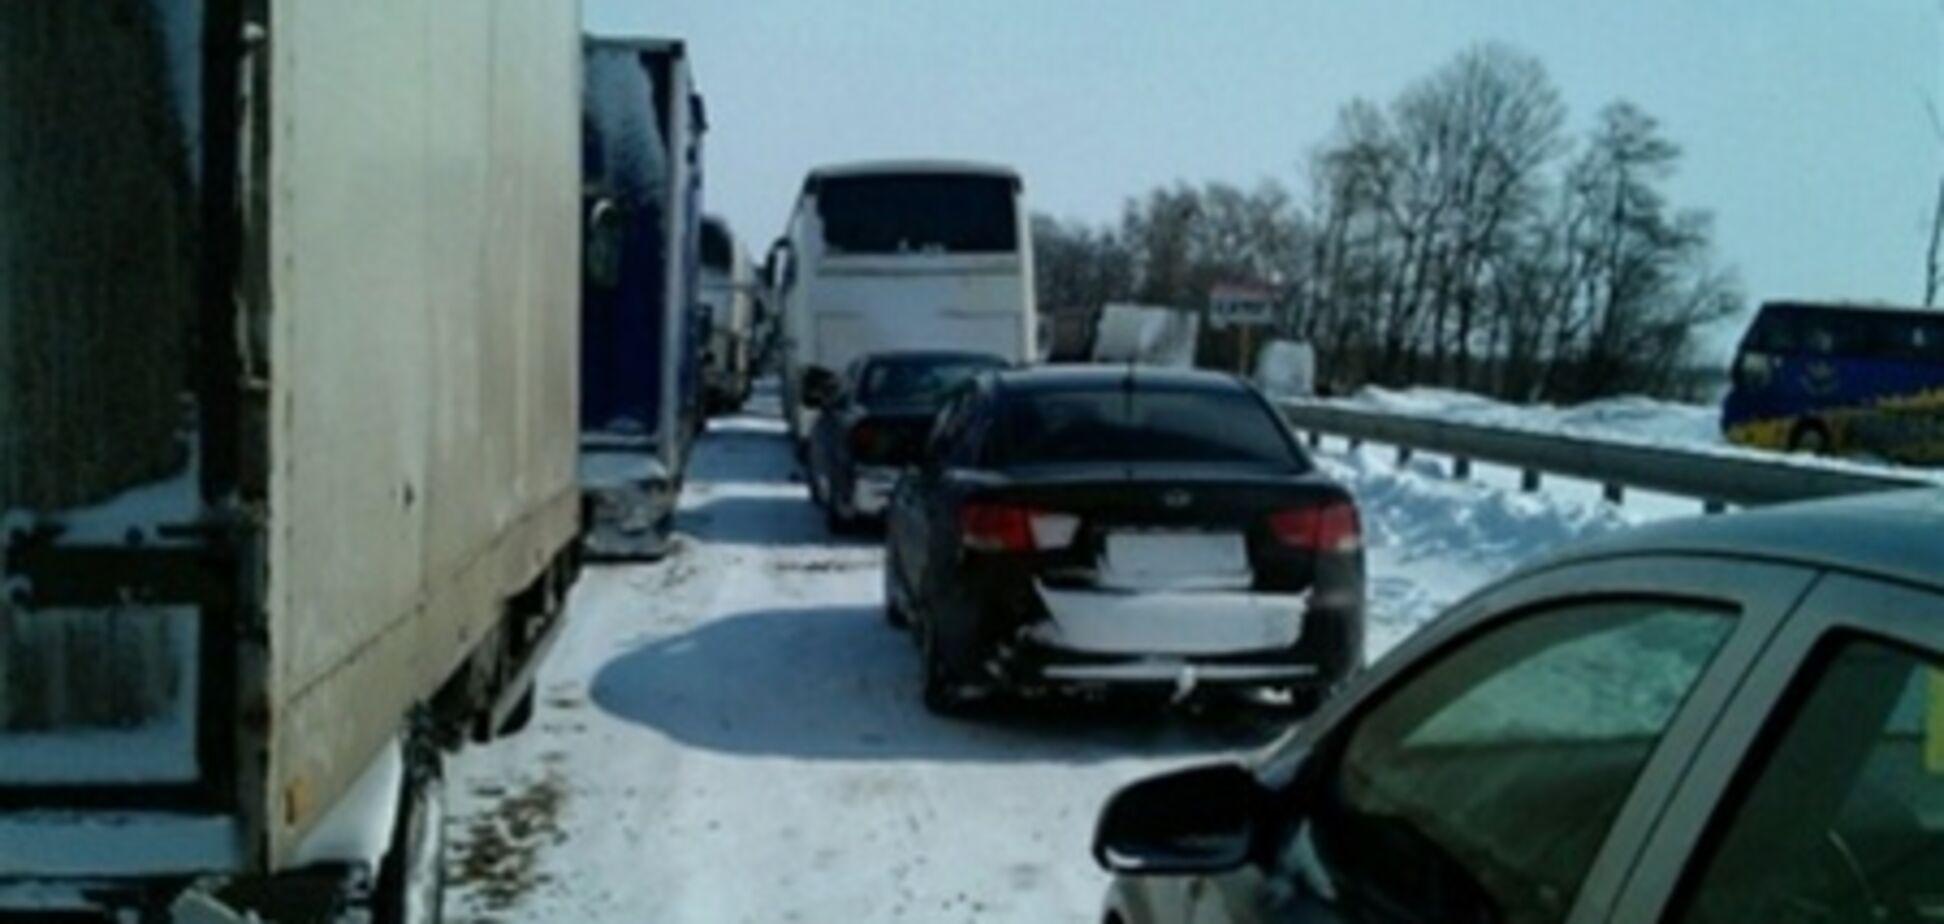 Работники ГосЧС избили волонтеров, освобождающих авто от снега